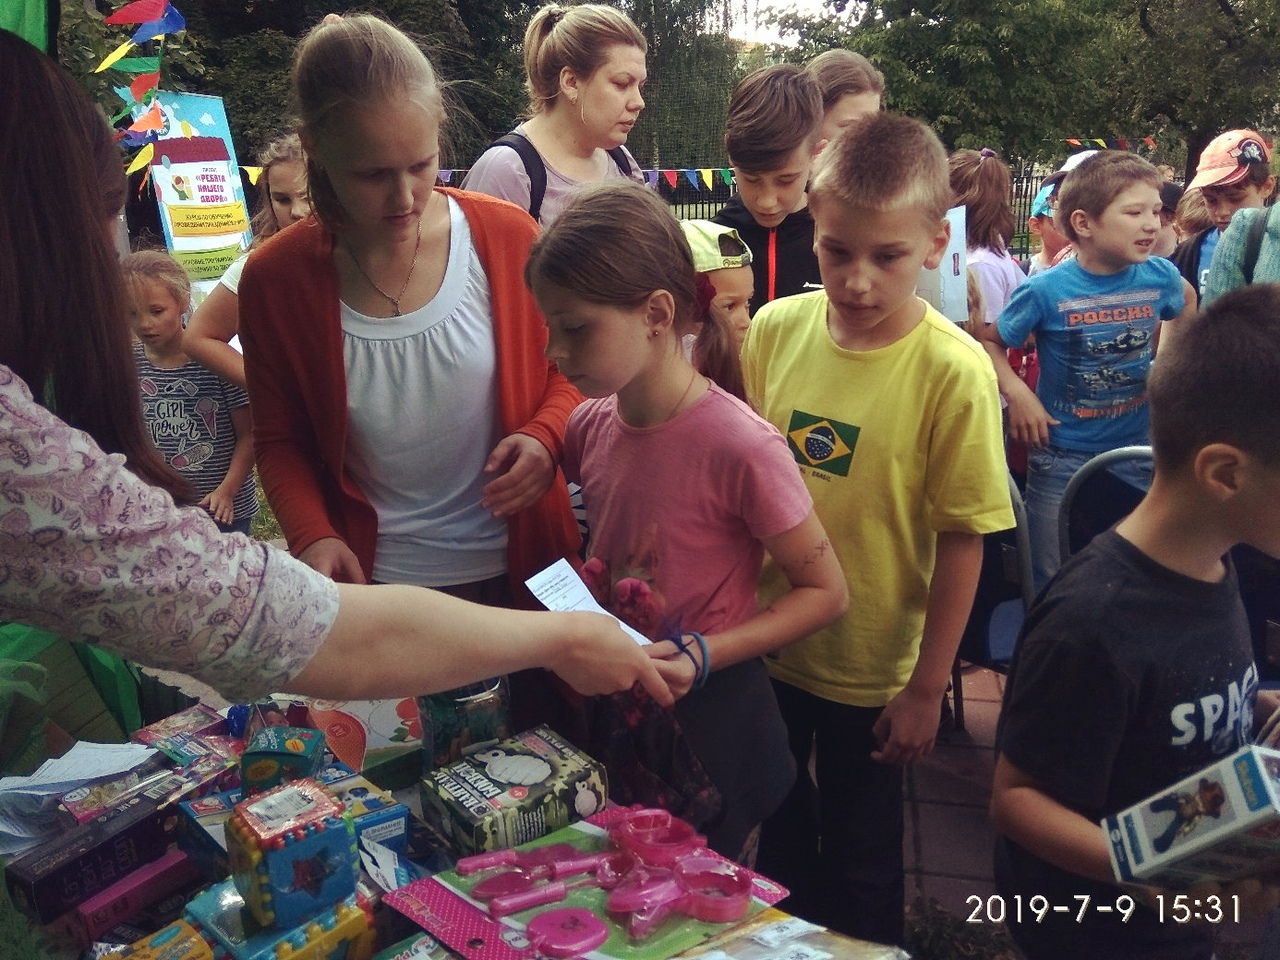 День семьи, любви и верности 2019 в Ивановском – подарки от Благотворительного фонда «Детский мир».